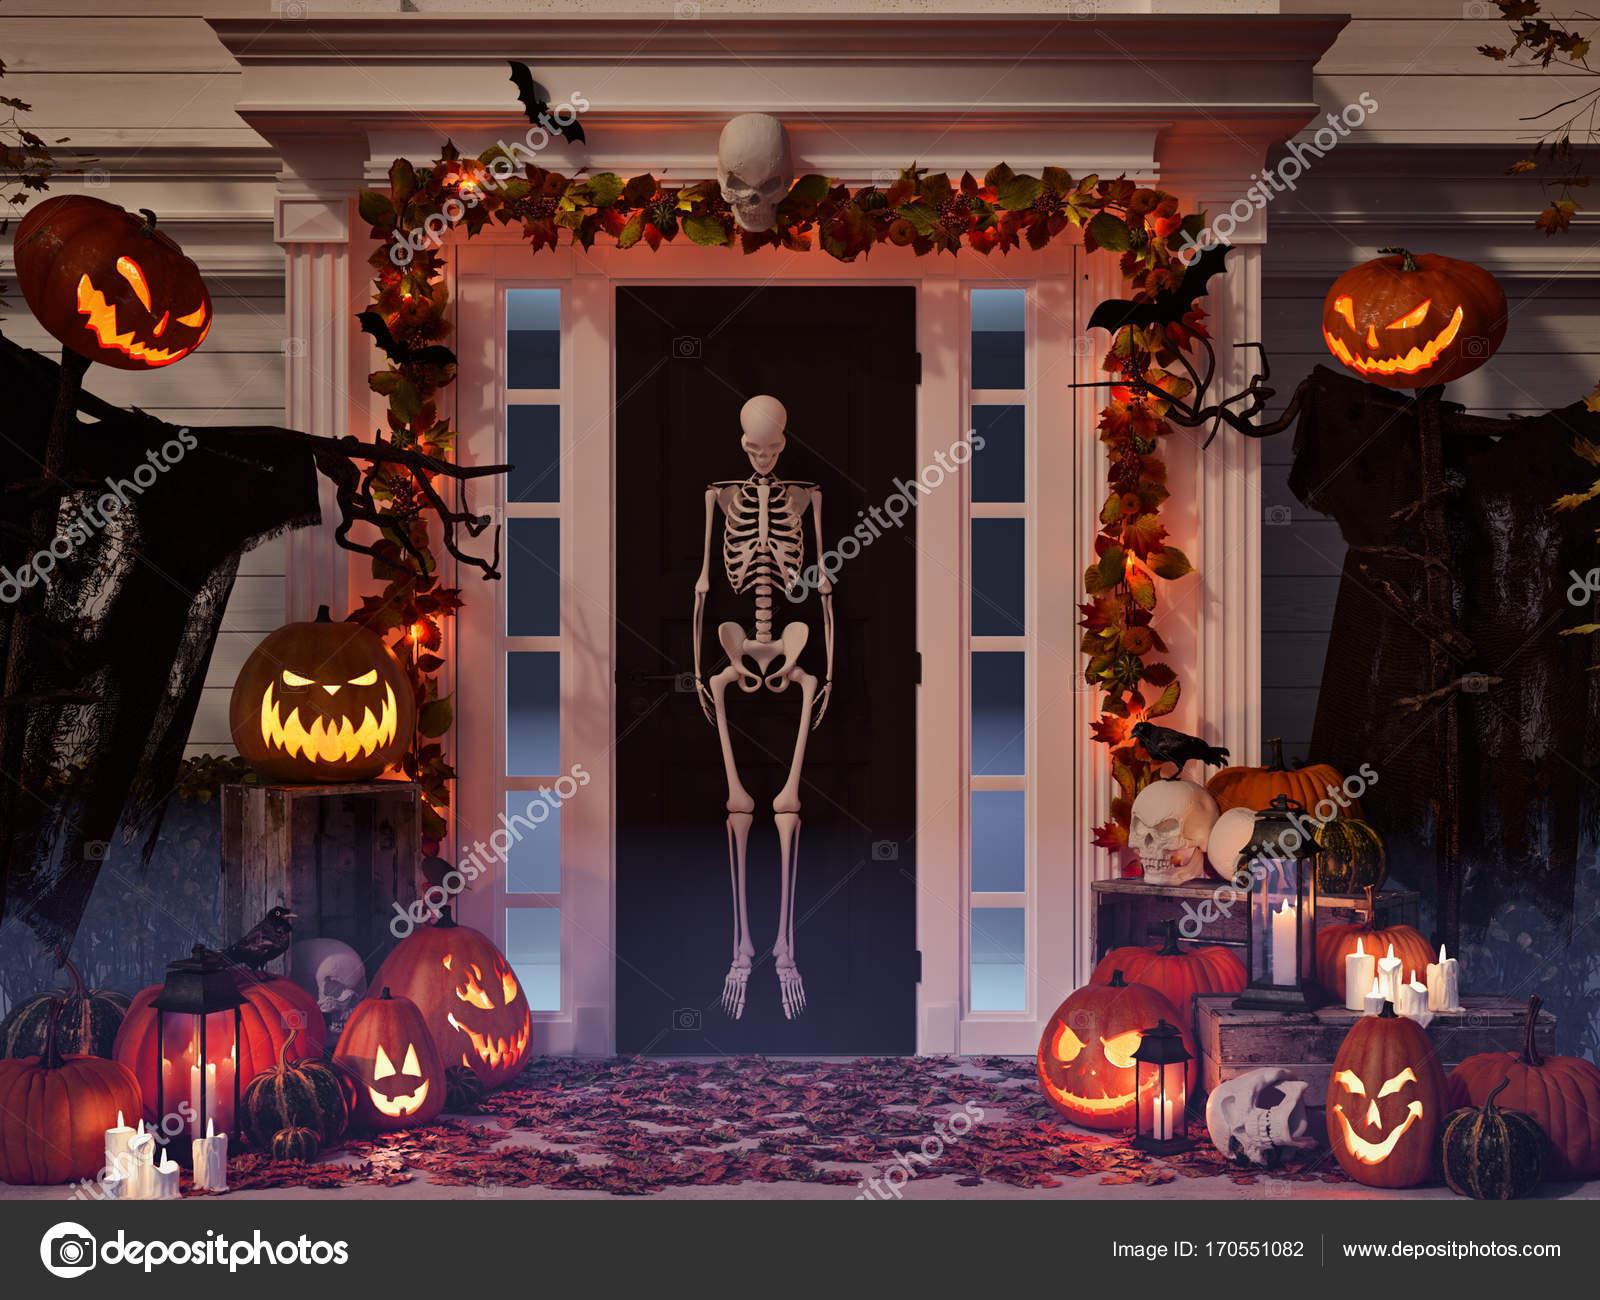 Casa de decoraci n halloween con calabazas y calaveras render 3d foto de stock 2mmedia - Decoracion calabazas halloween ...